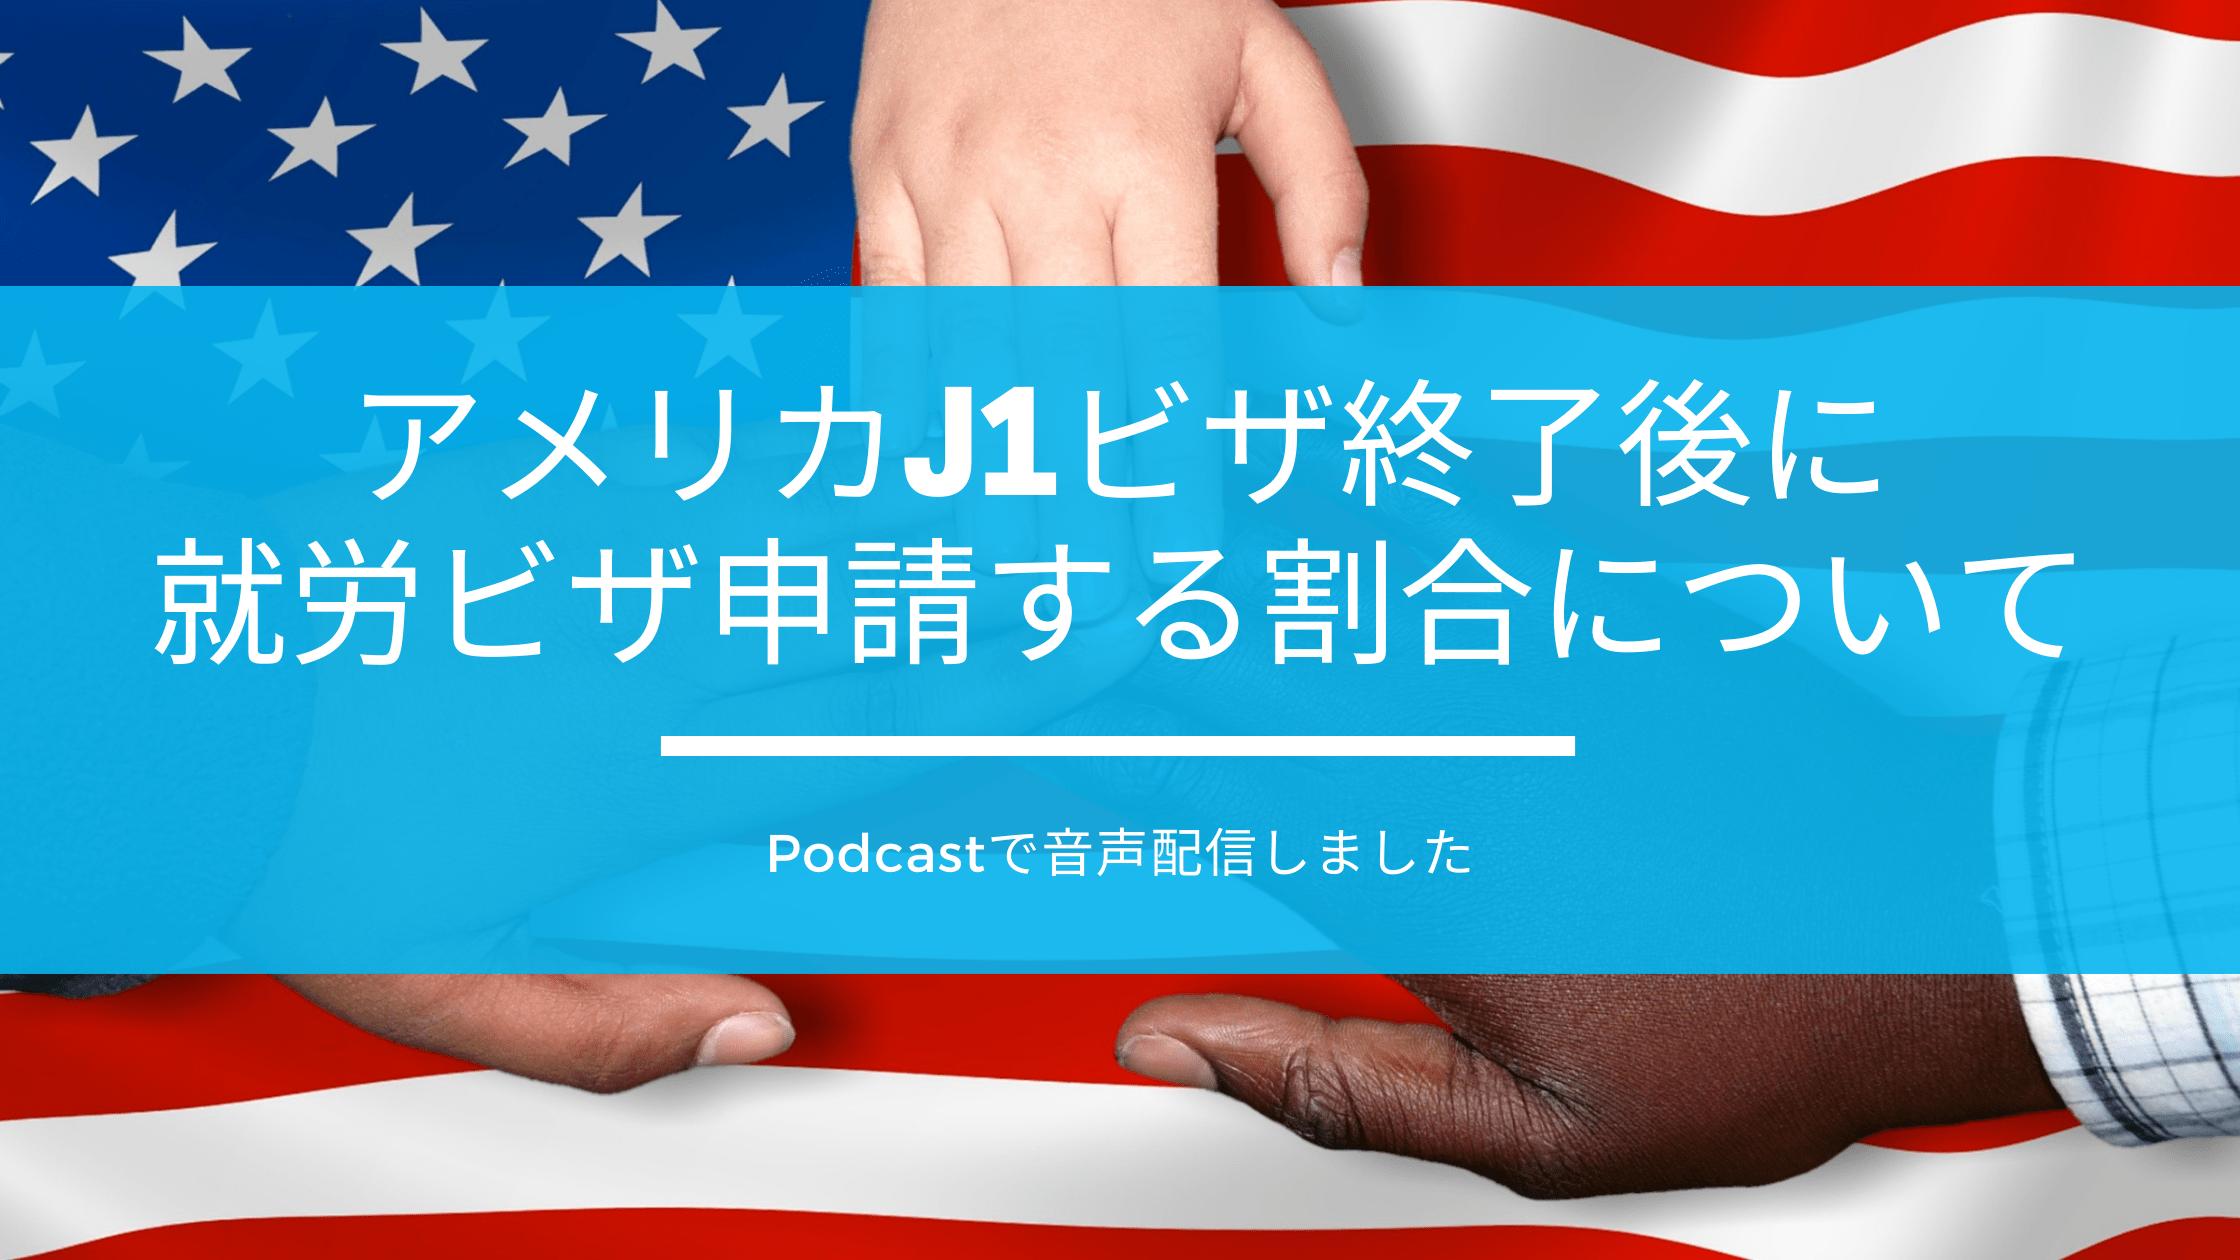 アメリカJ1ビザ、J1ビザ、アメリカインターンシップ、アメリカで働くには、アメリカワーホリ